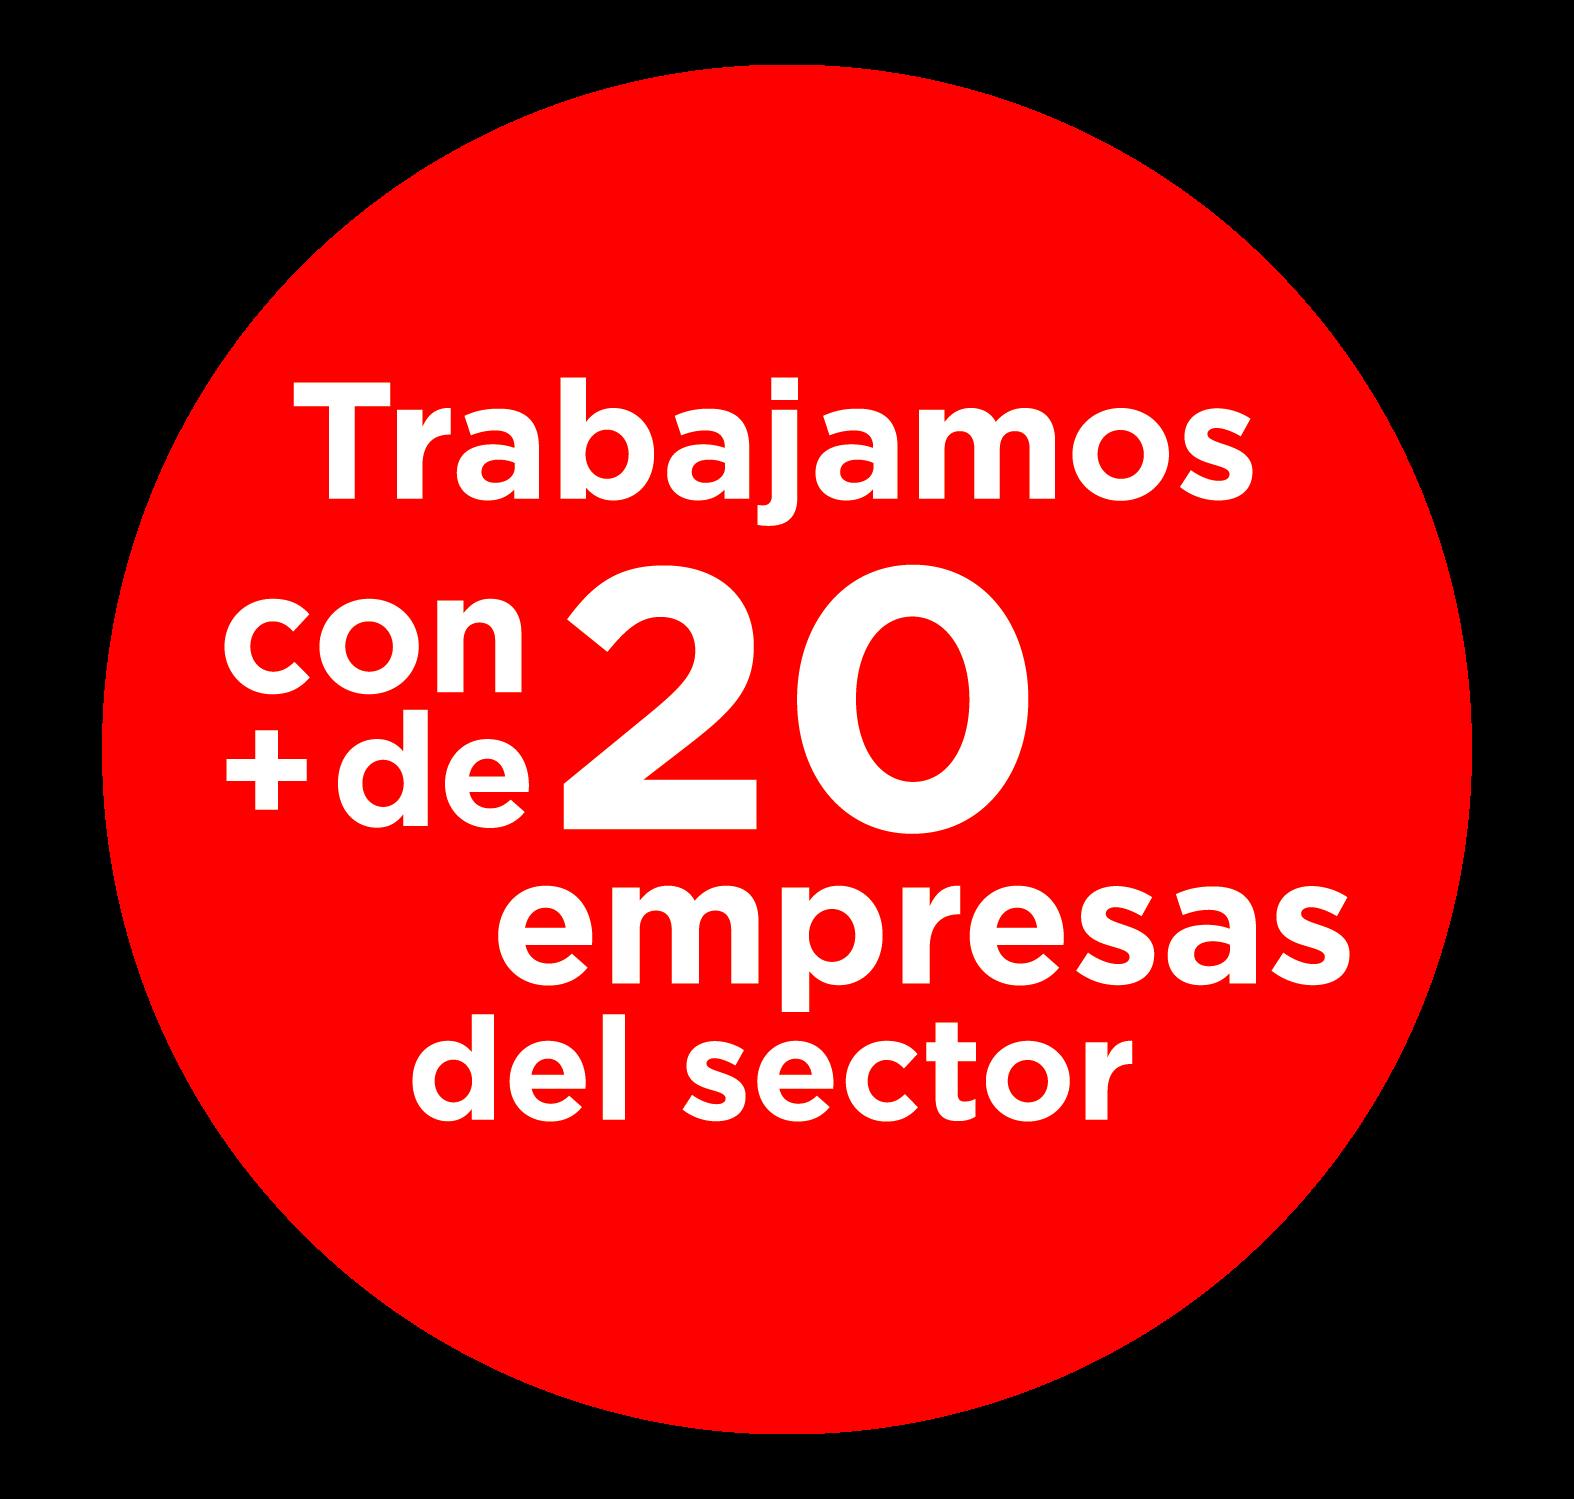 Trabajamos con más de 20 empresas del sector